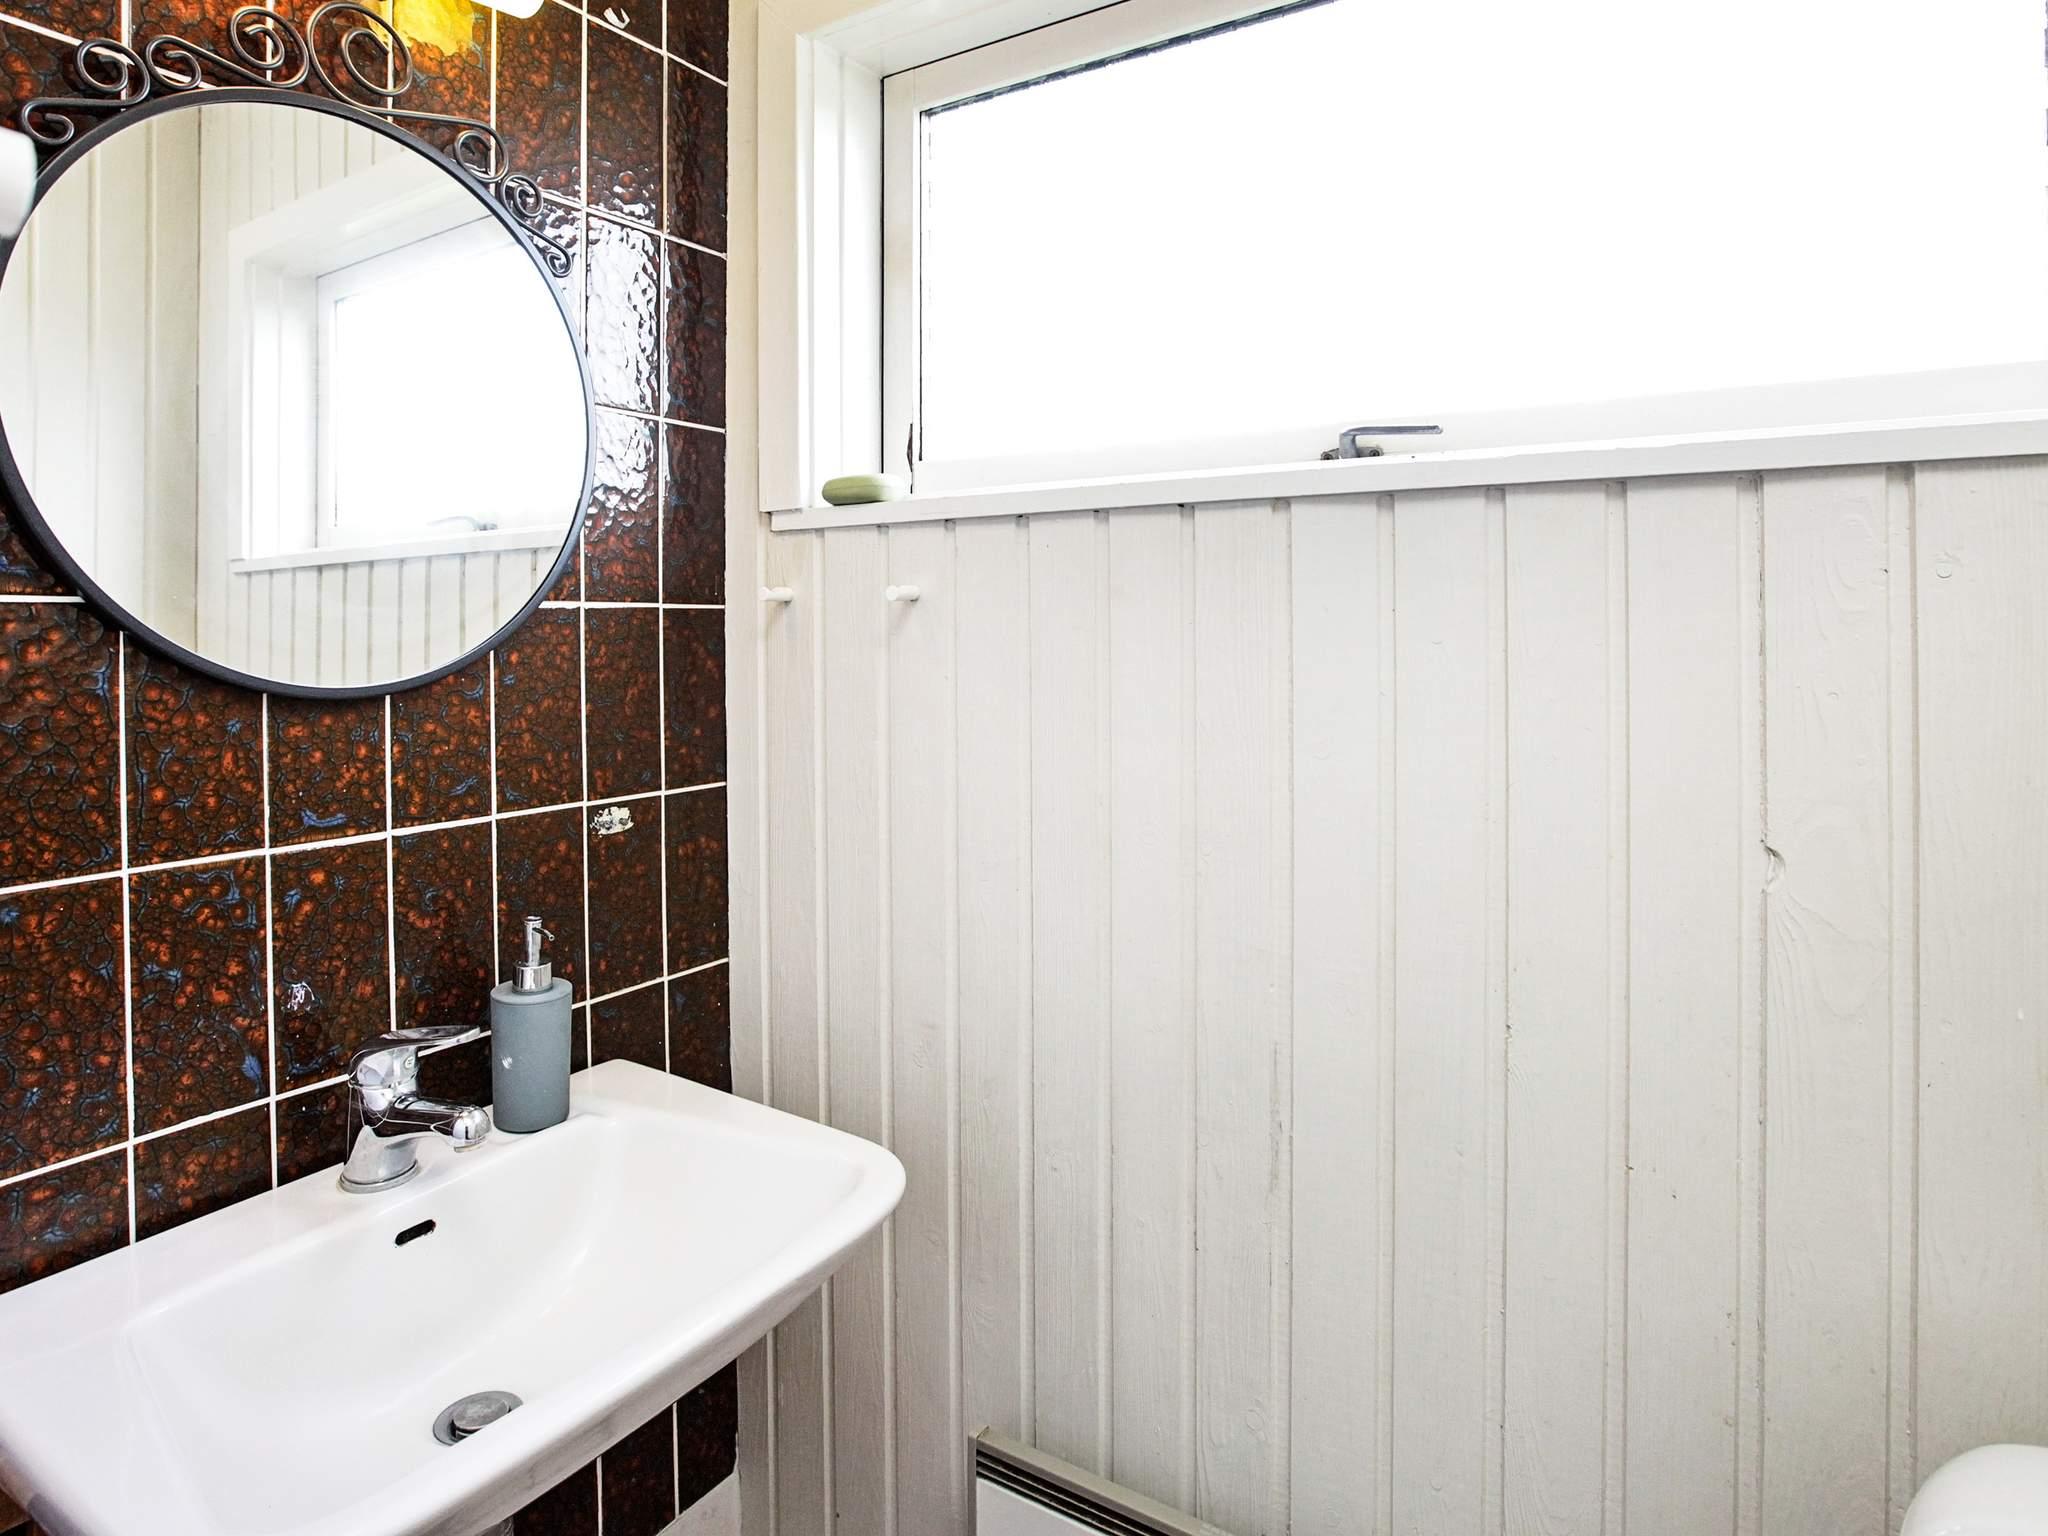 Ferienhaus Skåstrup Strand (81881), Skåstrup, , Fünen, Dänemark, Bild 14